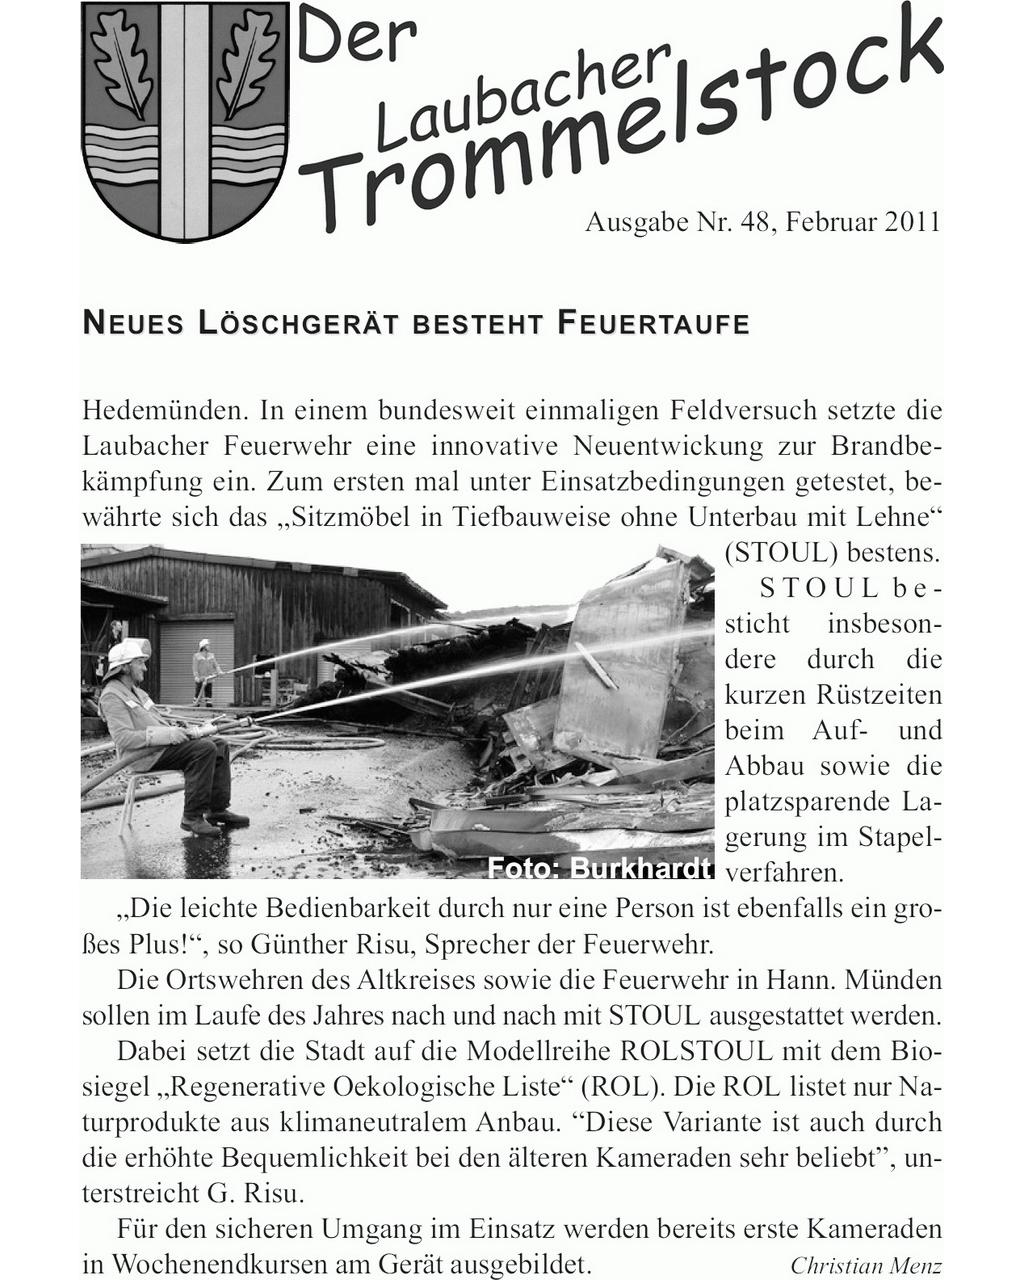 Laubacher-Trommelstock-Titelseite-048